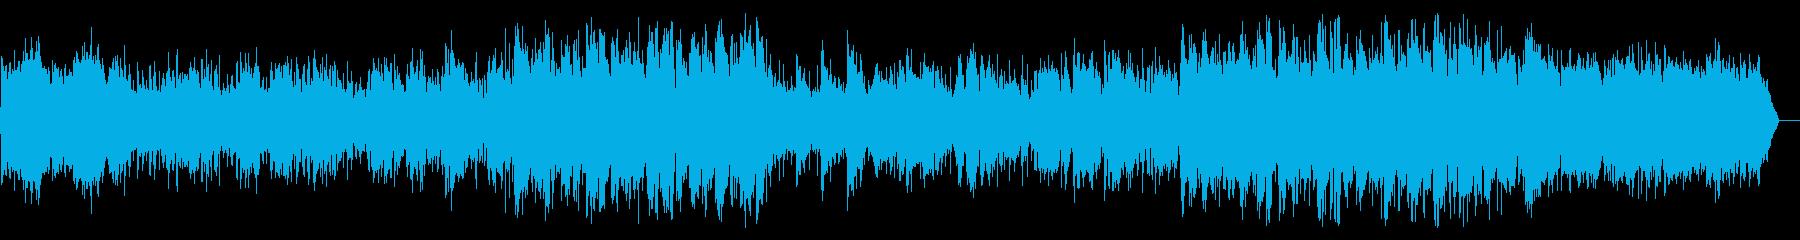 ノスタルジックで夢心地なお洒落ソングの再生済みの波形